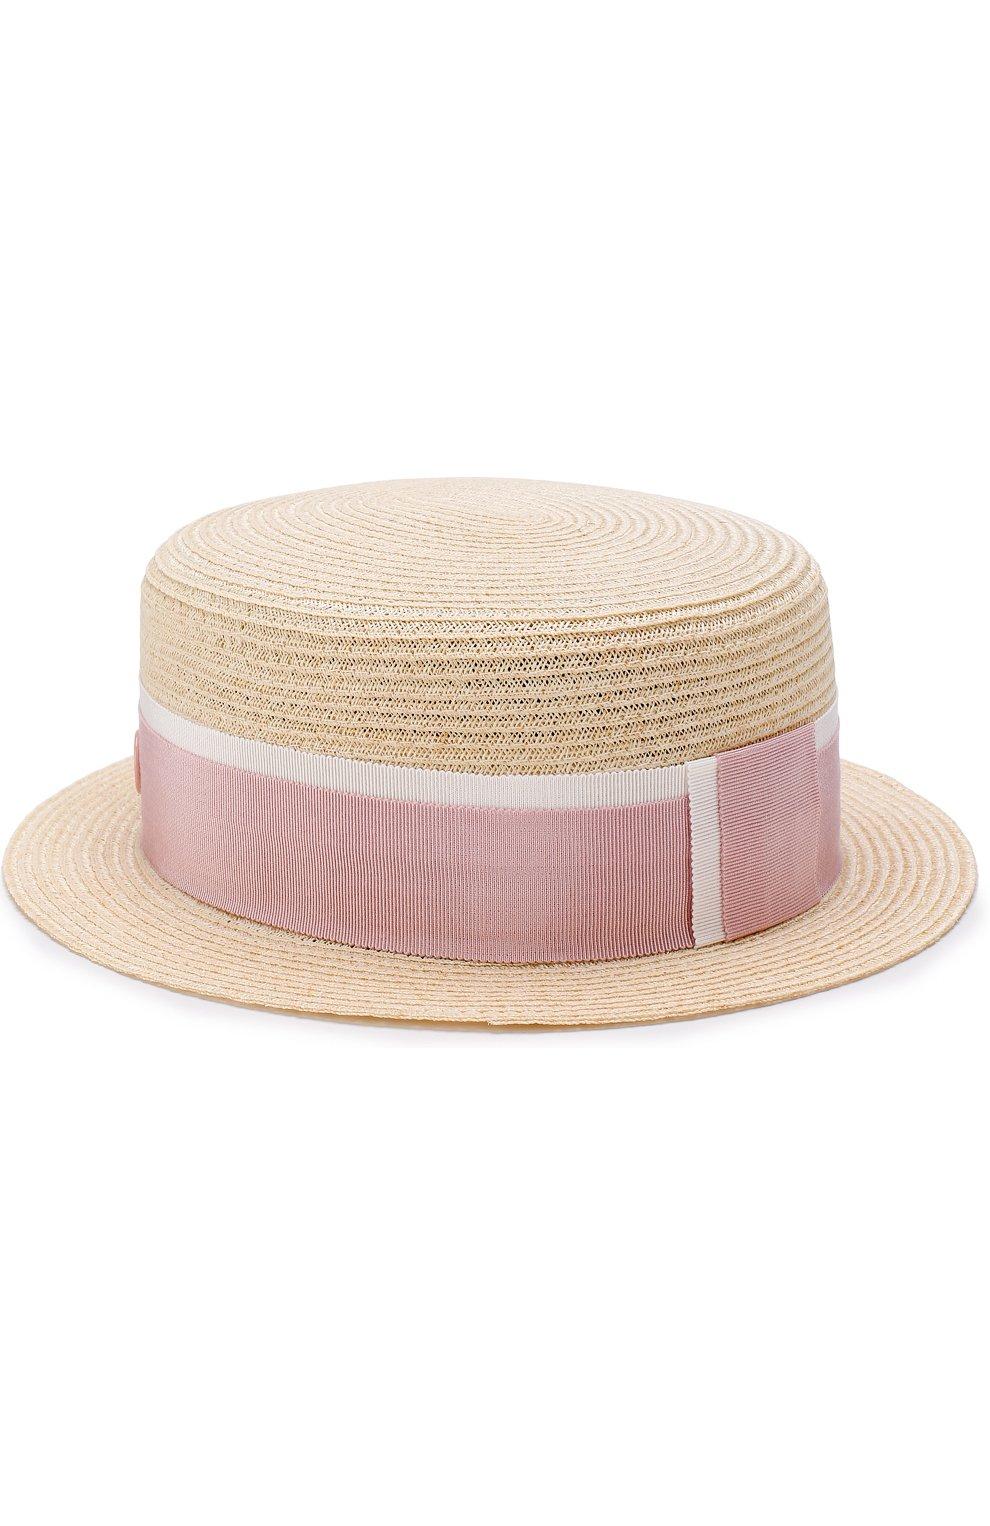 Соломенная шляпа Auguste с лентой | Фото №2